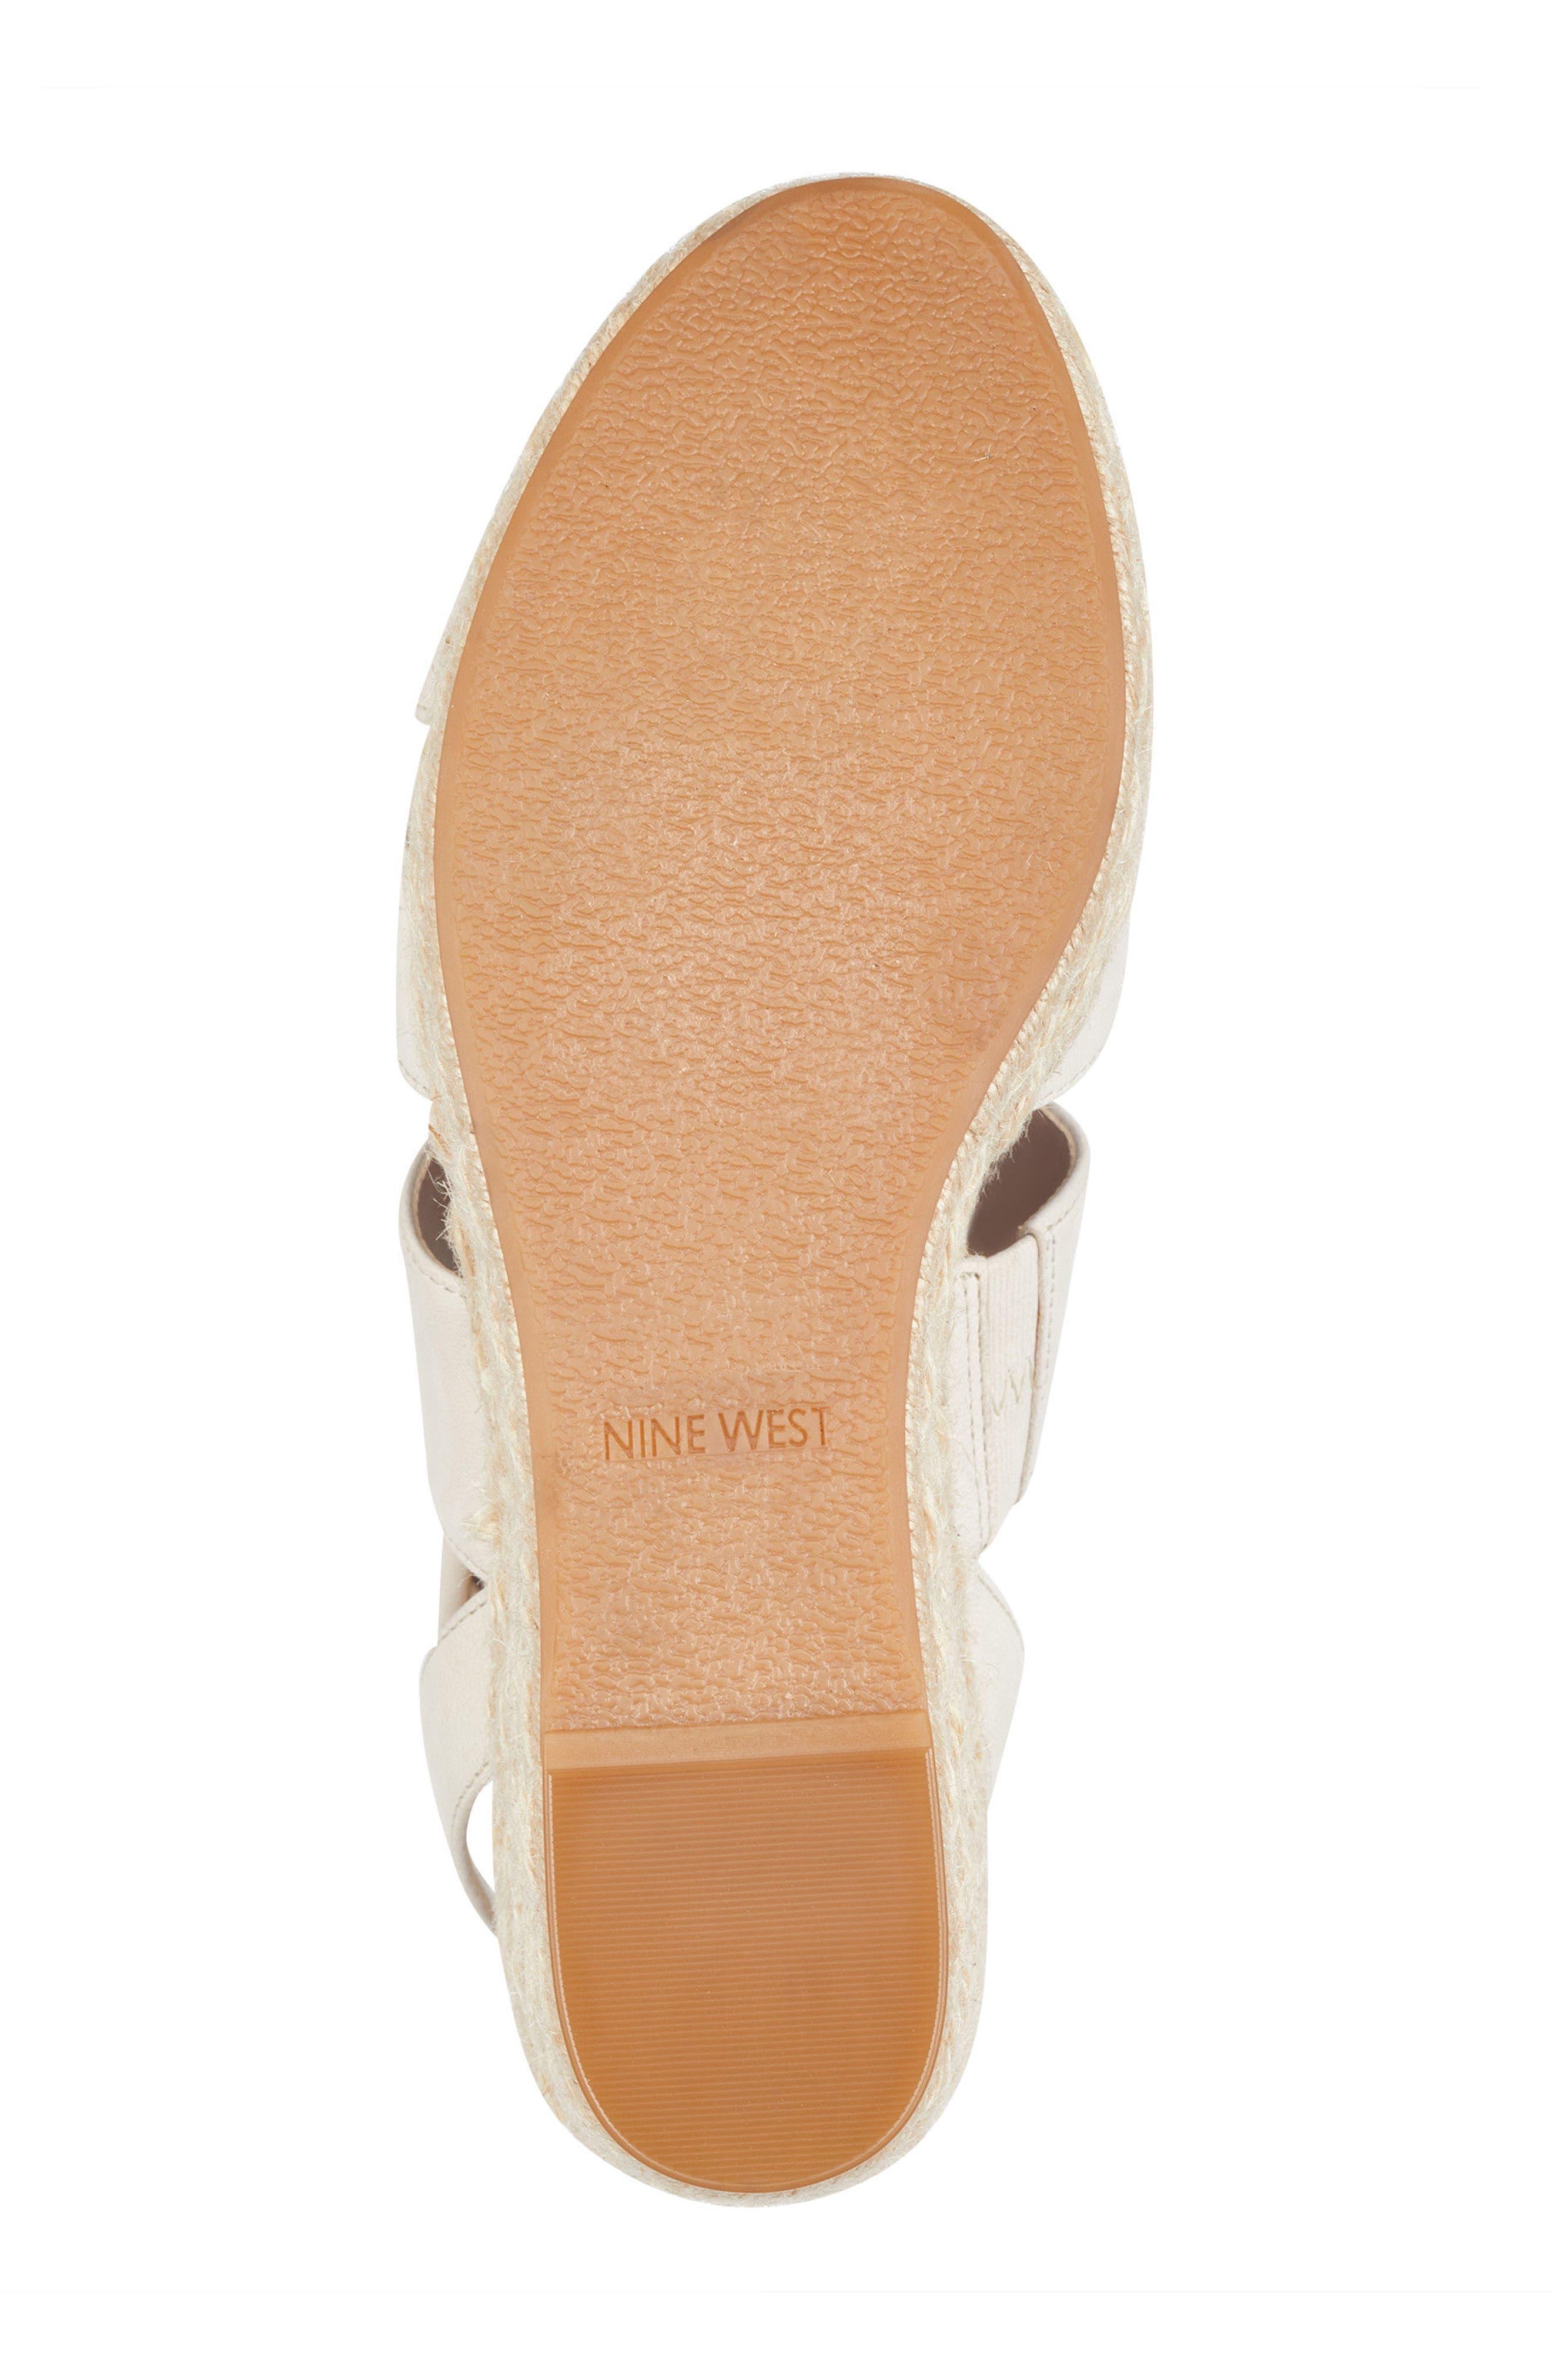 Kushala Espadrille Platform Wedge Sandal,                             Alternate thumbnail 6, color,                             OFF WHITE LEATHER